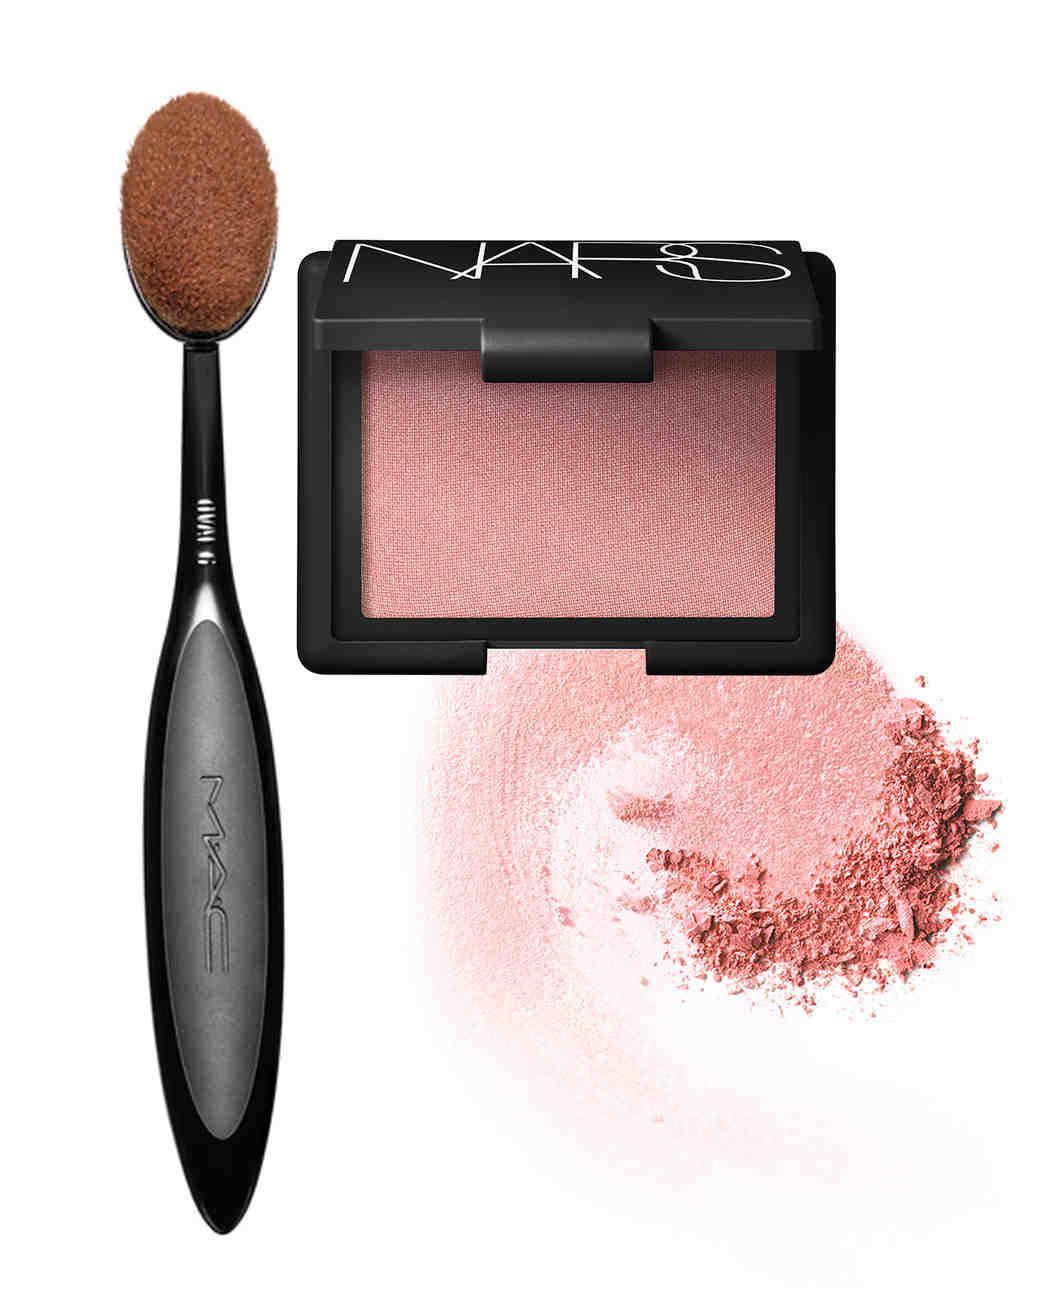 skin-glow-blush-collage-0815.jpg